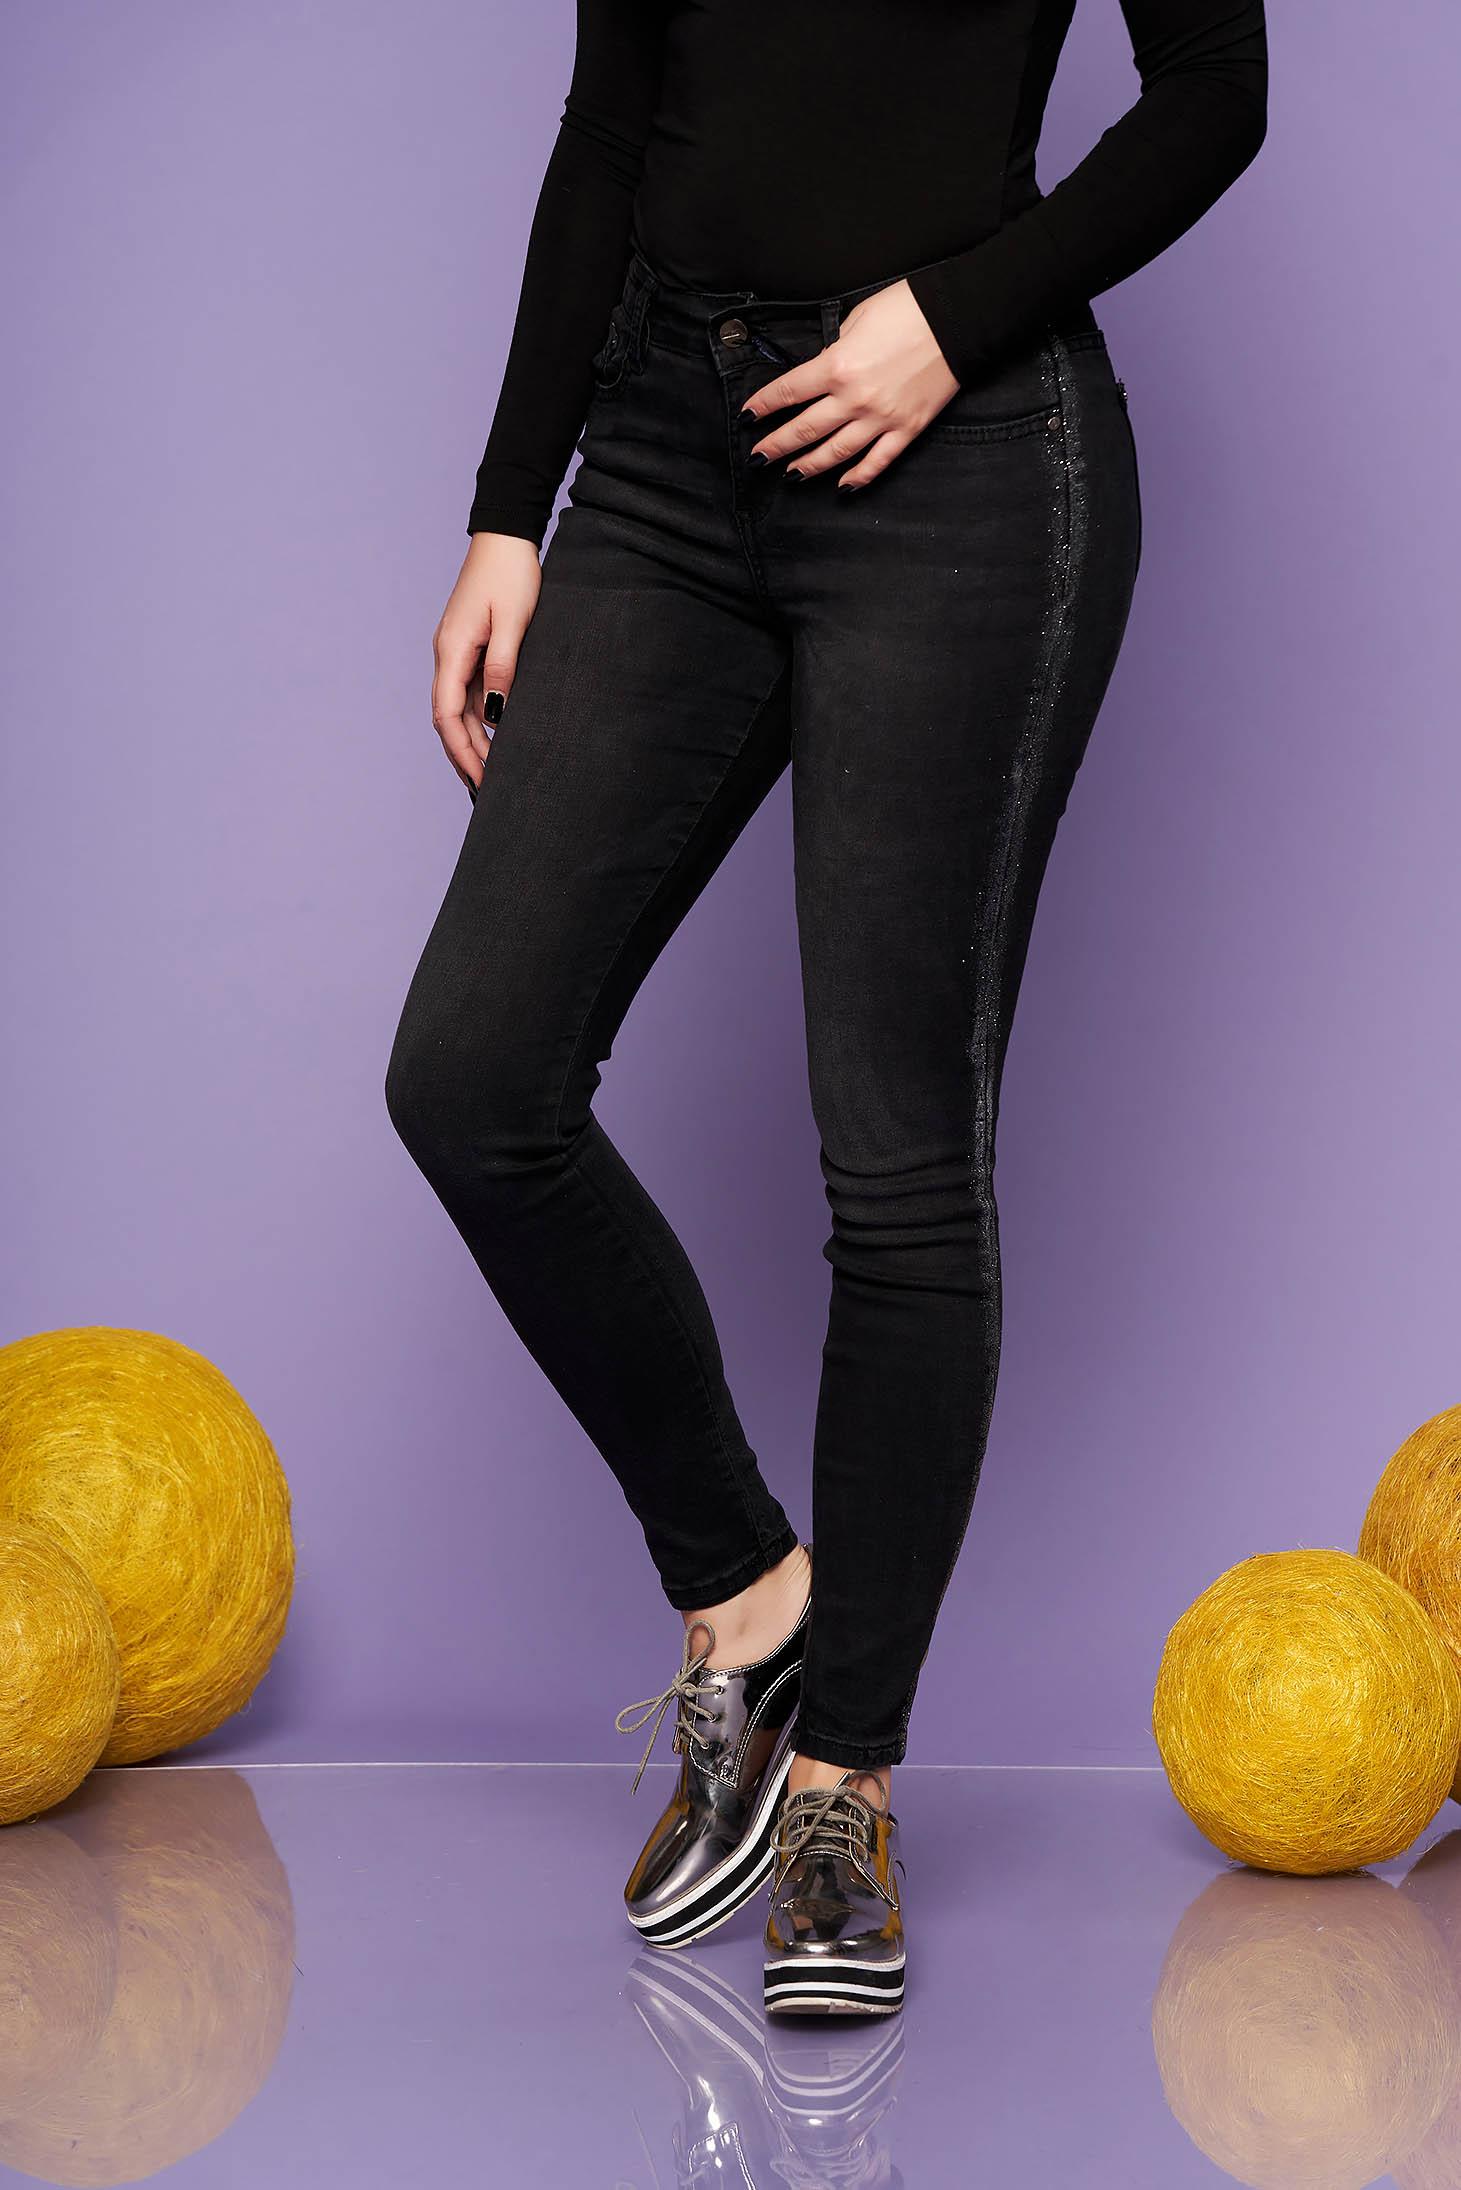 Black skinny jeans jeans medium waist slightly elastic cotton